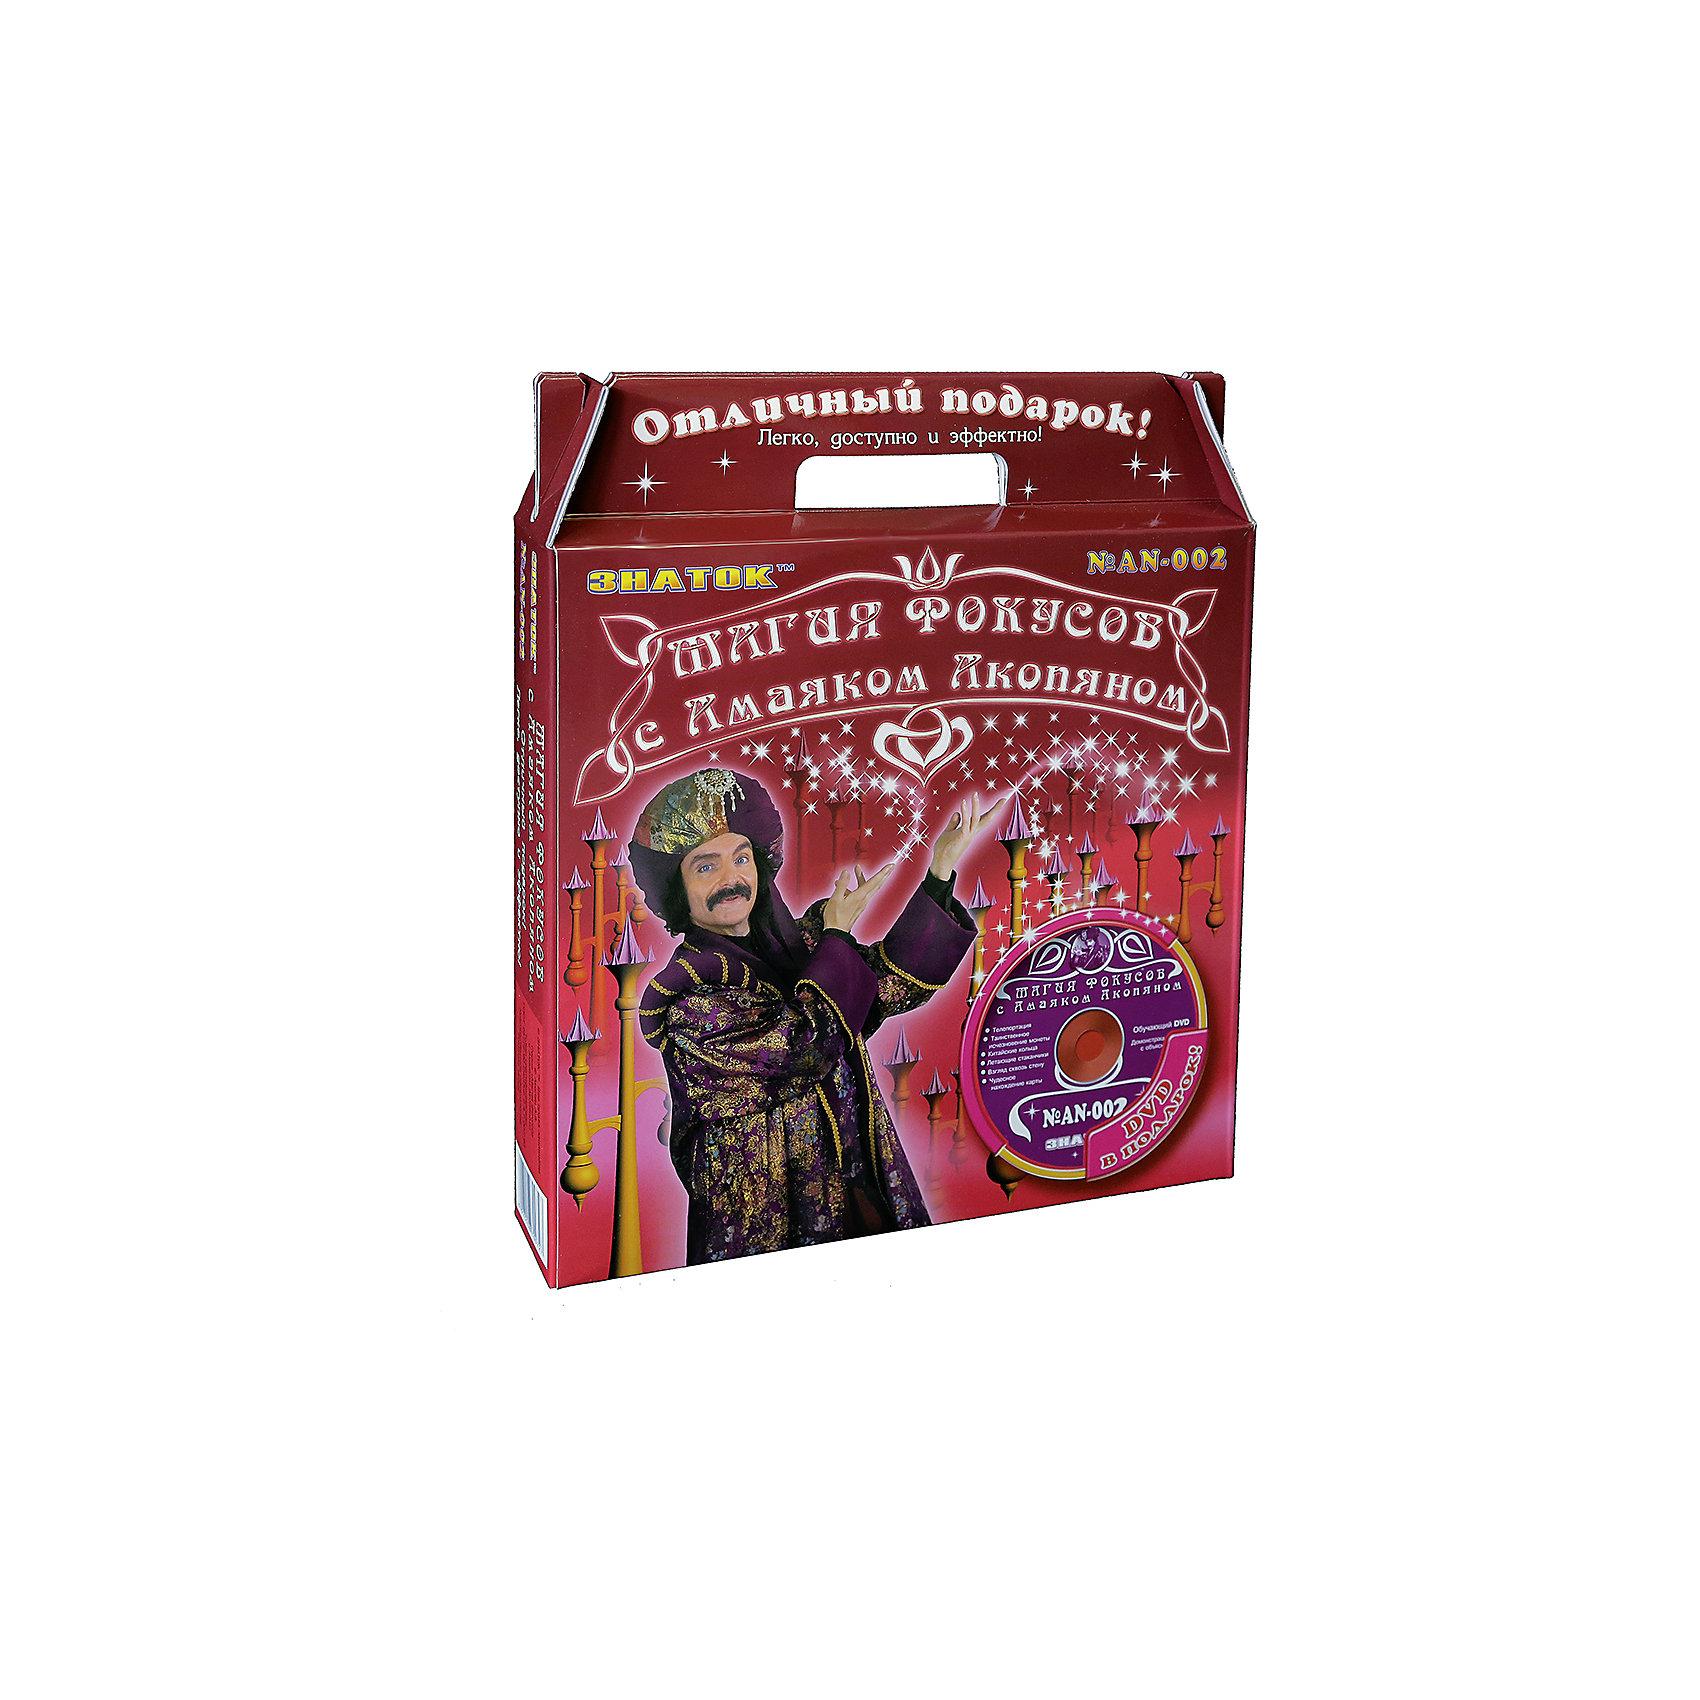 Красный набор Магия фокусов с Амаяком Акопяном с видеокурсомКрасный набор Магия фокусов с Амаяком Акопяном с видеокурсом, Знаток<br><br>Характеристики:<br><br>• поможет ребенку стать настоящим фокусником<br>• содержит весь необходимый реквизит<br>• в комплекте: реквизит для 6 фокусов, DVD, инструкция<br>• 6 фокусов: Телепортация, Таинственное исчезновение монеты, Китайские кольца, Летающие стаканчики, Взгляд сквозь стену, Чудесное нахождение карты<br>• размер упаковки: 33х5х38 см<br>• вес: 700 грамм<br>• видеокурс: 40-45 минут<br>• материал: пластик, бумага<br><br>Набор Магия фокусов с Амаяком Акопяном позволит ребенку почувствовать себя настоящим иллюзионистом. В набор входит подробная инструкция, DVD диск и весь необходимый реквизит. Ребенок научится находить загаданную зрителем карту, перемещать монетку с помощью телепортации, заставит стаканчики летать и многое другое. Эта игра поможет ребенку раскрыть талант артиста и погрузиться в атмосферу тайн магии.<br><br>Красный набор Магия фокусов с Амаяком Акопяном с видеокурсом, Знаток вы можете купить в нашем интернет-магазине.<br><br>Ширина мм: 31<br>Глубина мм: 5<br>Высота мм: 33<br>Вес г: 700<br>Возраст от месяцев: 60<br>Возраст до месяцев: 1188<br>Пол: Унисекс<br>Возраст: Детский<br>SKU: 2403137